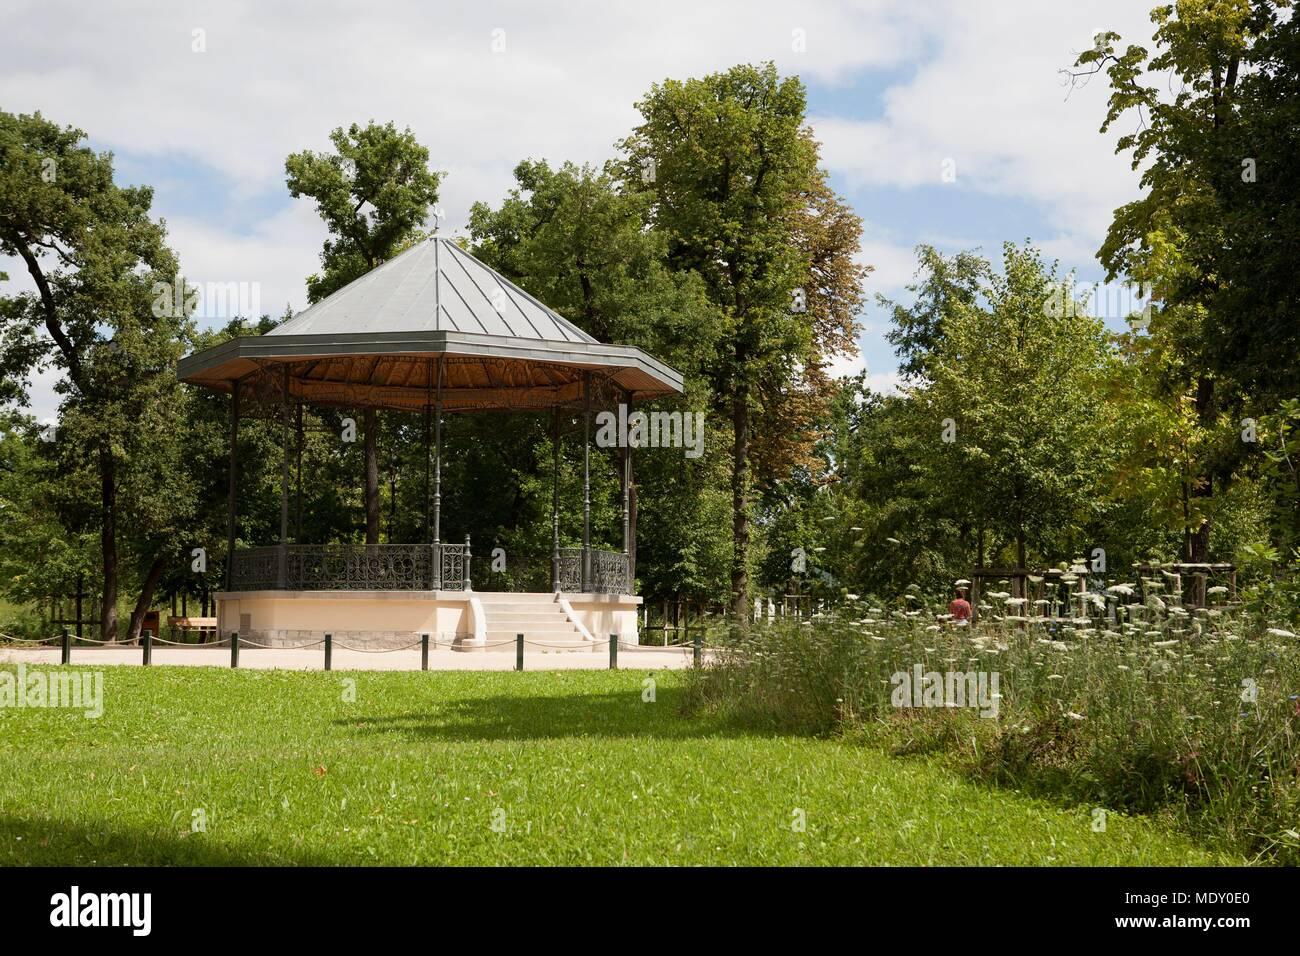 France, Ile de France region, Bois de Boulogne, Jardin d ...